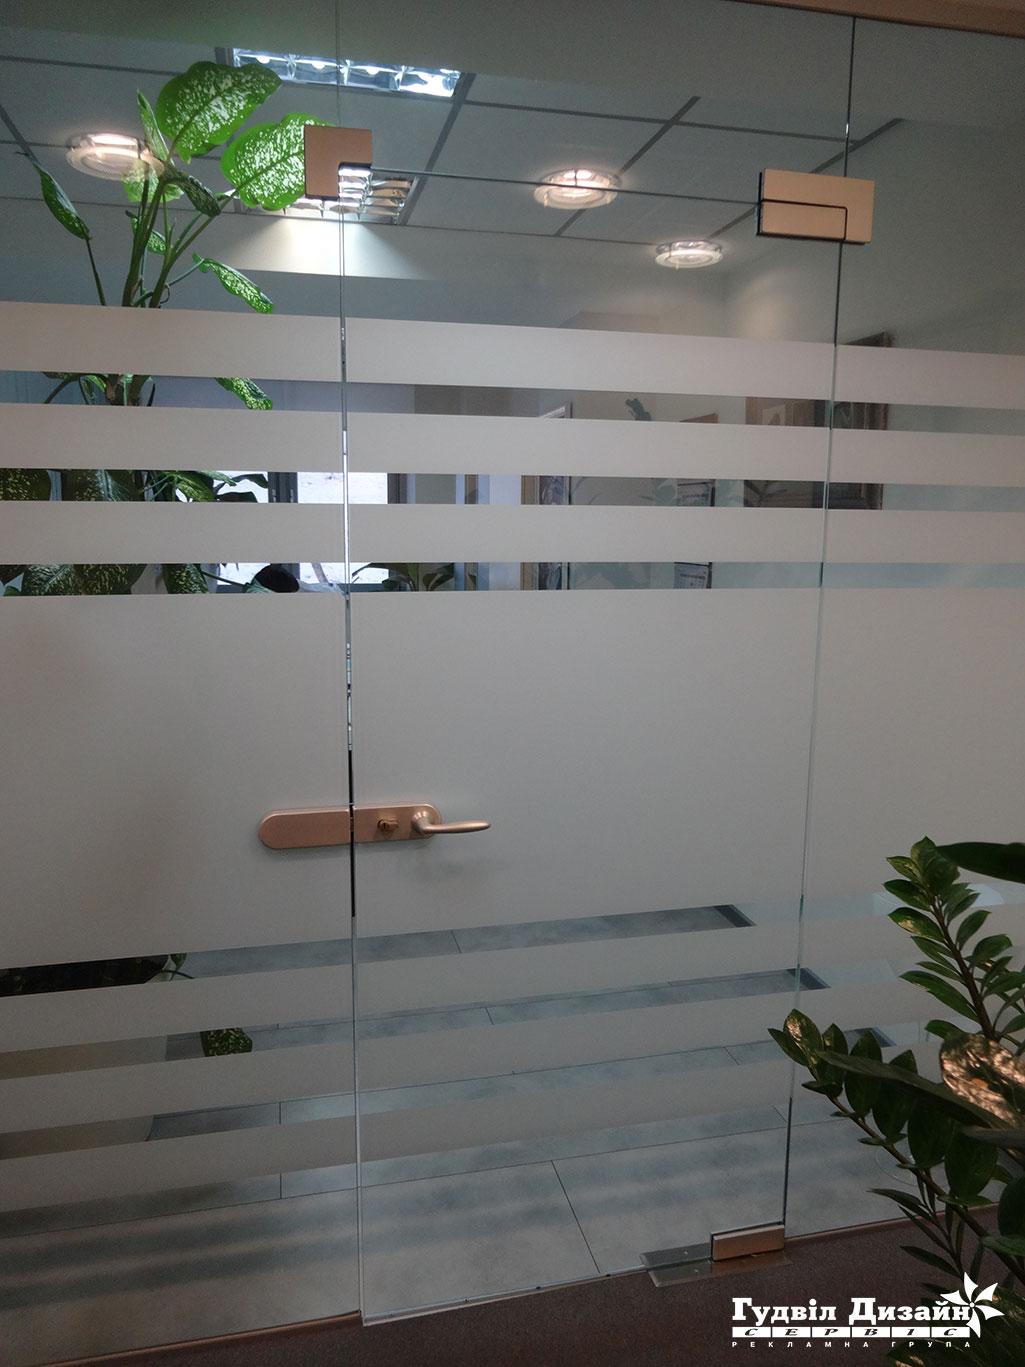 17.71 Оклейка спец. плівкою вікон, офісних перегородок, тонування